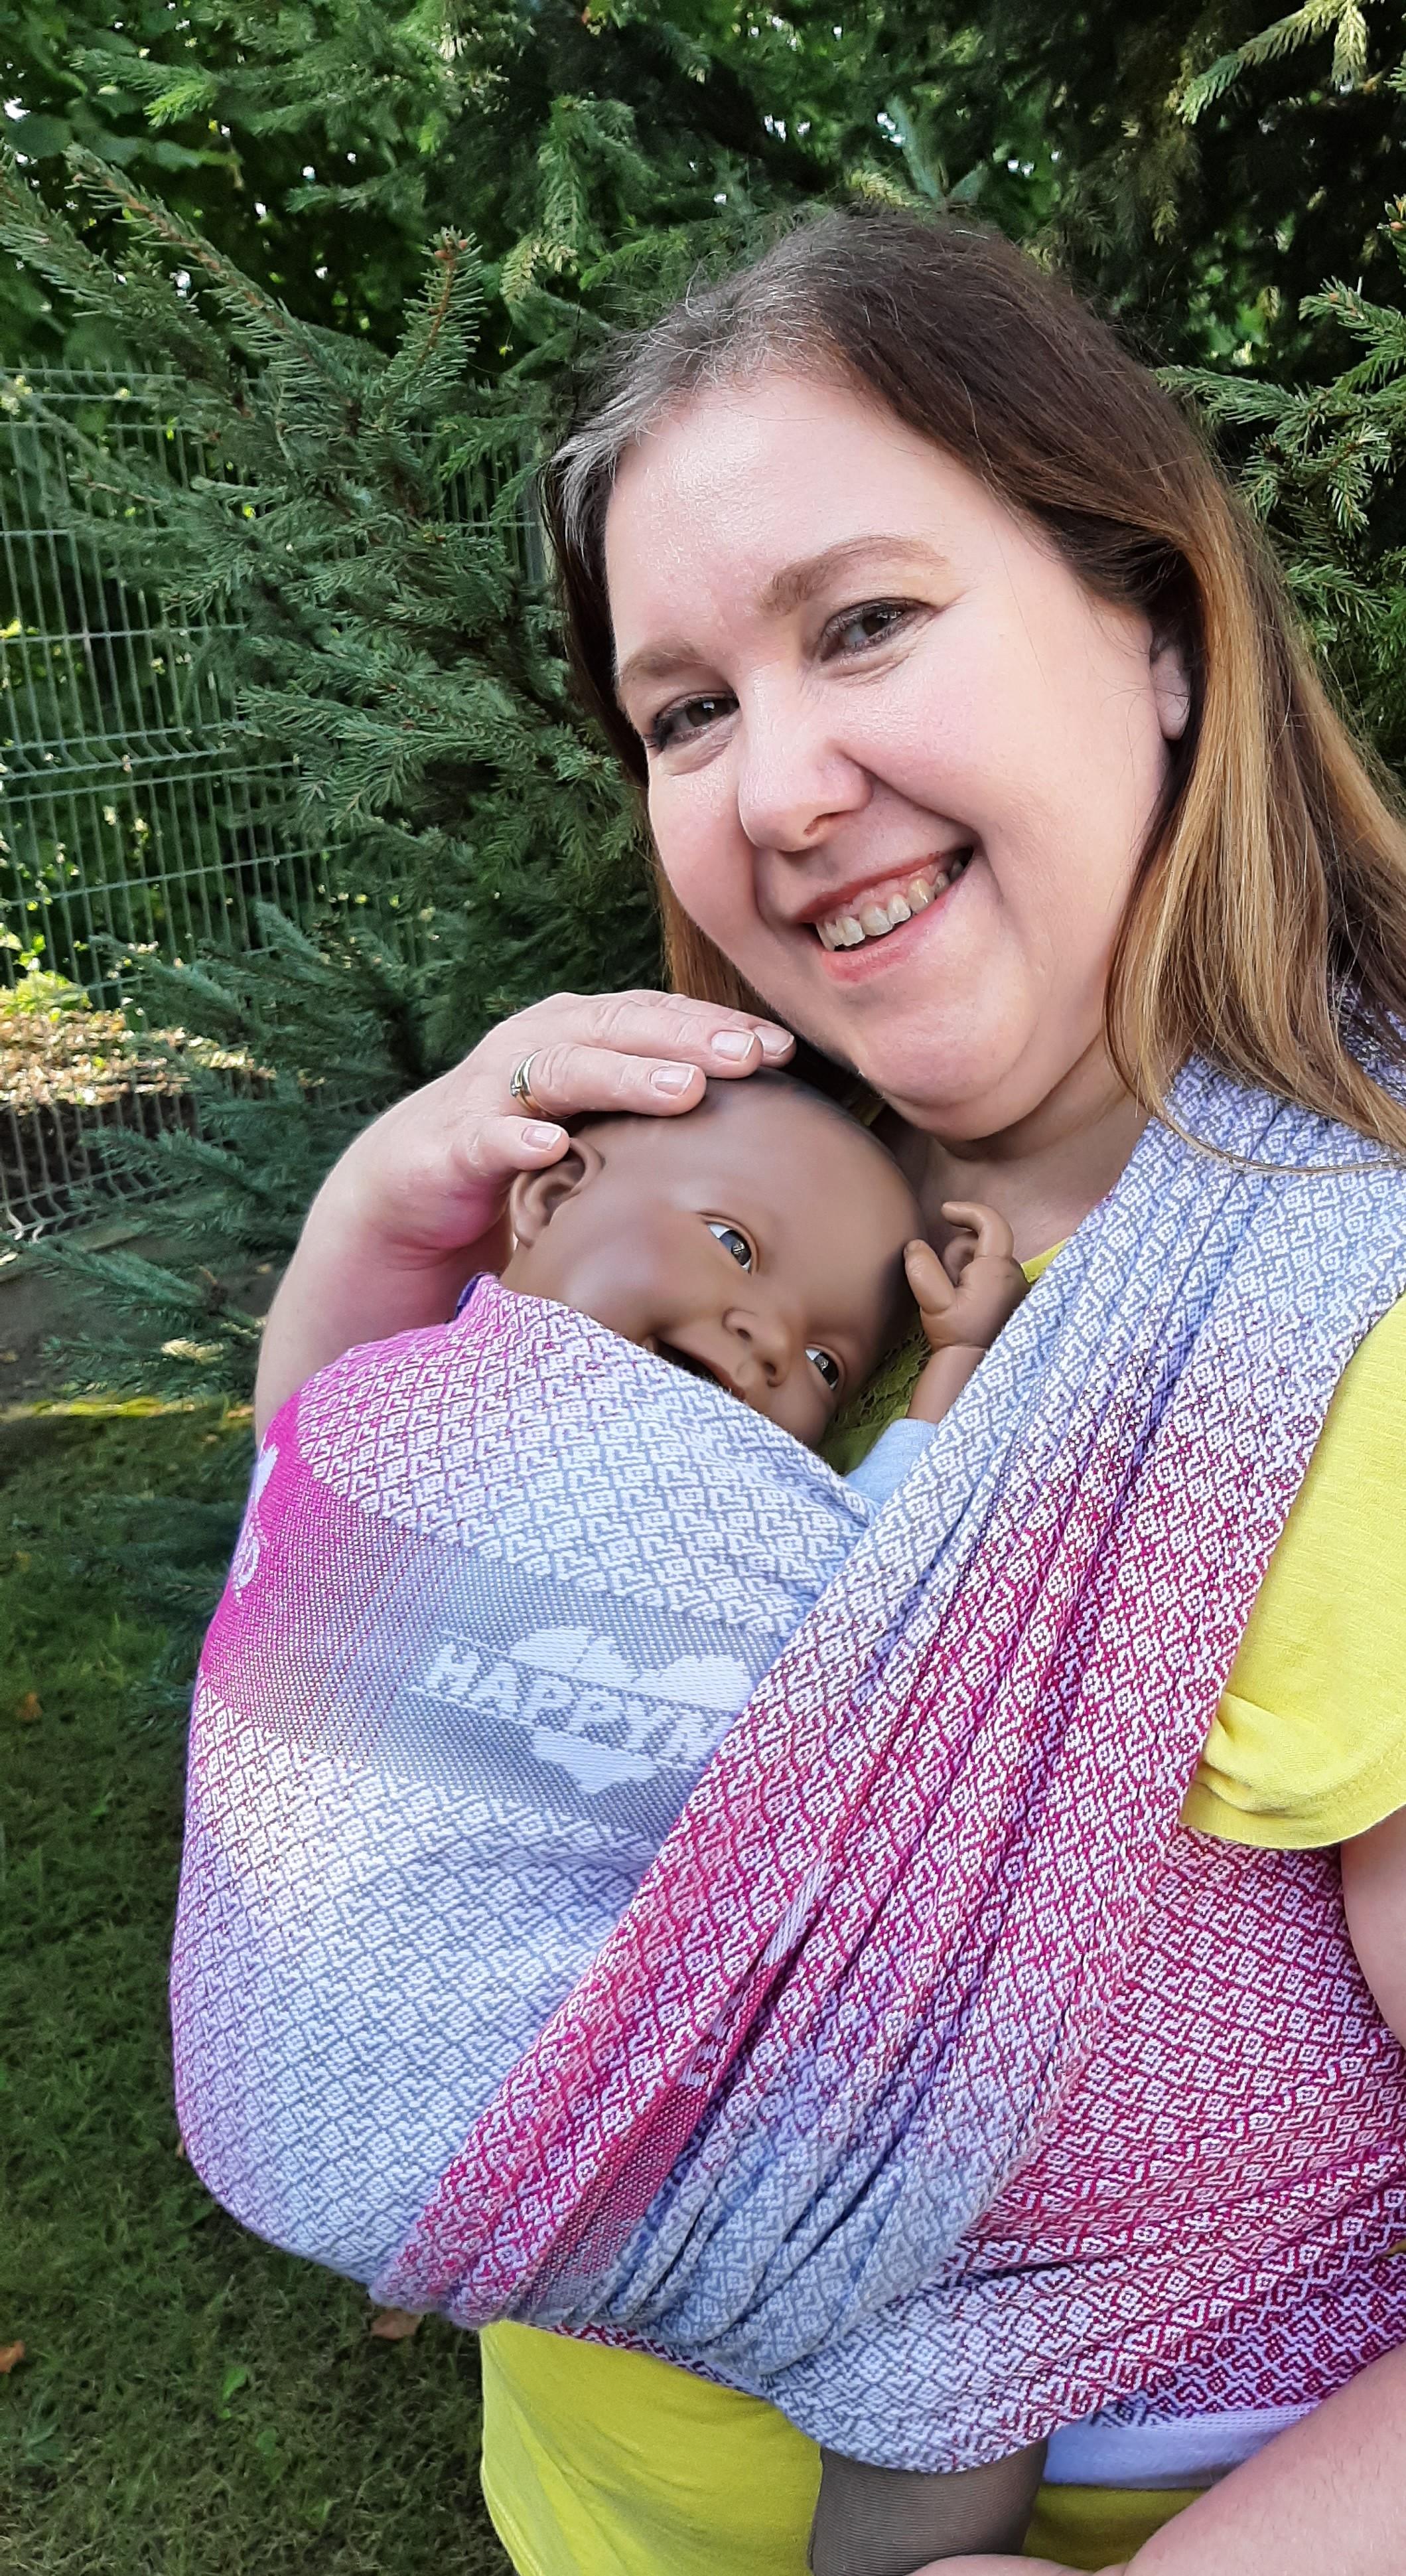 Doradca Noszenia Dzieci w Chustach i Nosidłach Miękkich